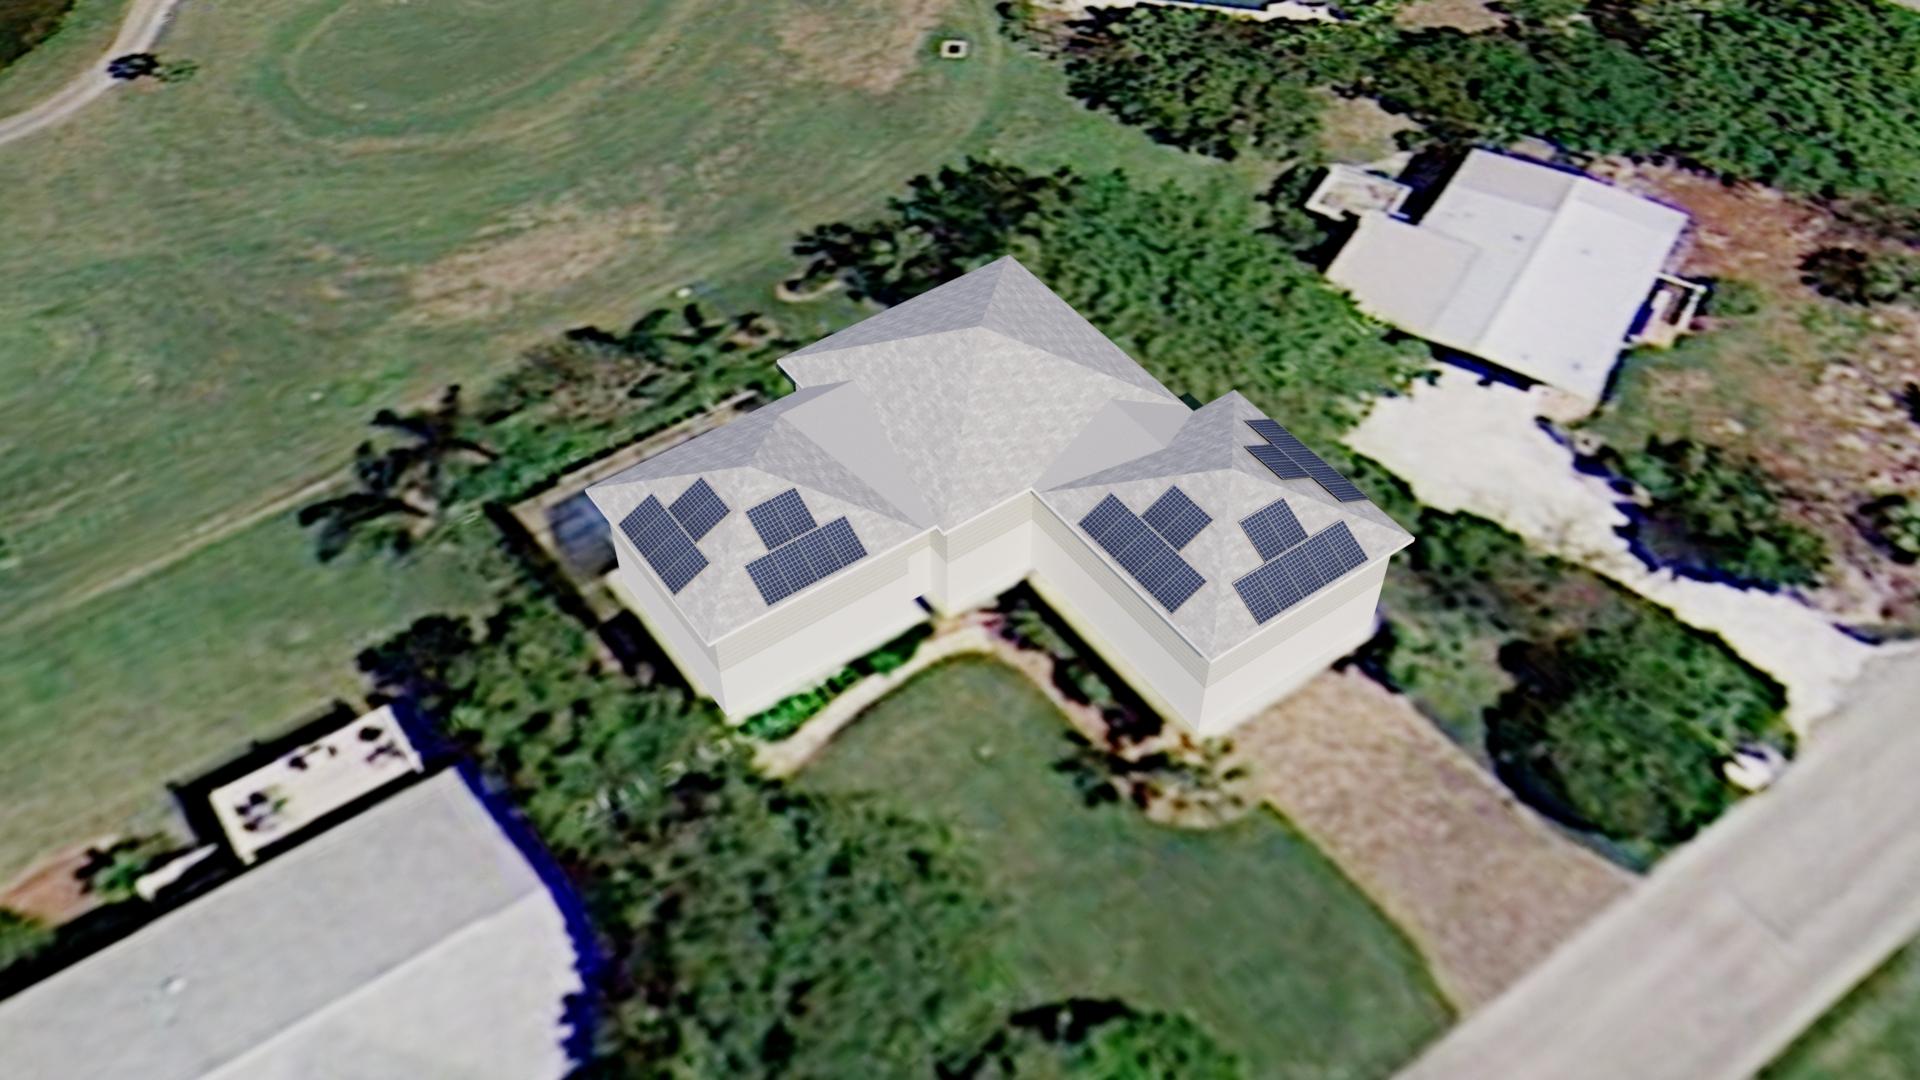 Sancap Solar Connect Photovoltaic System Designs